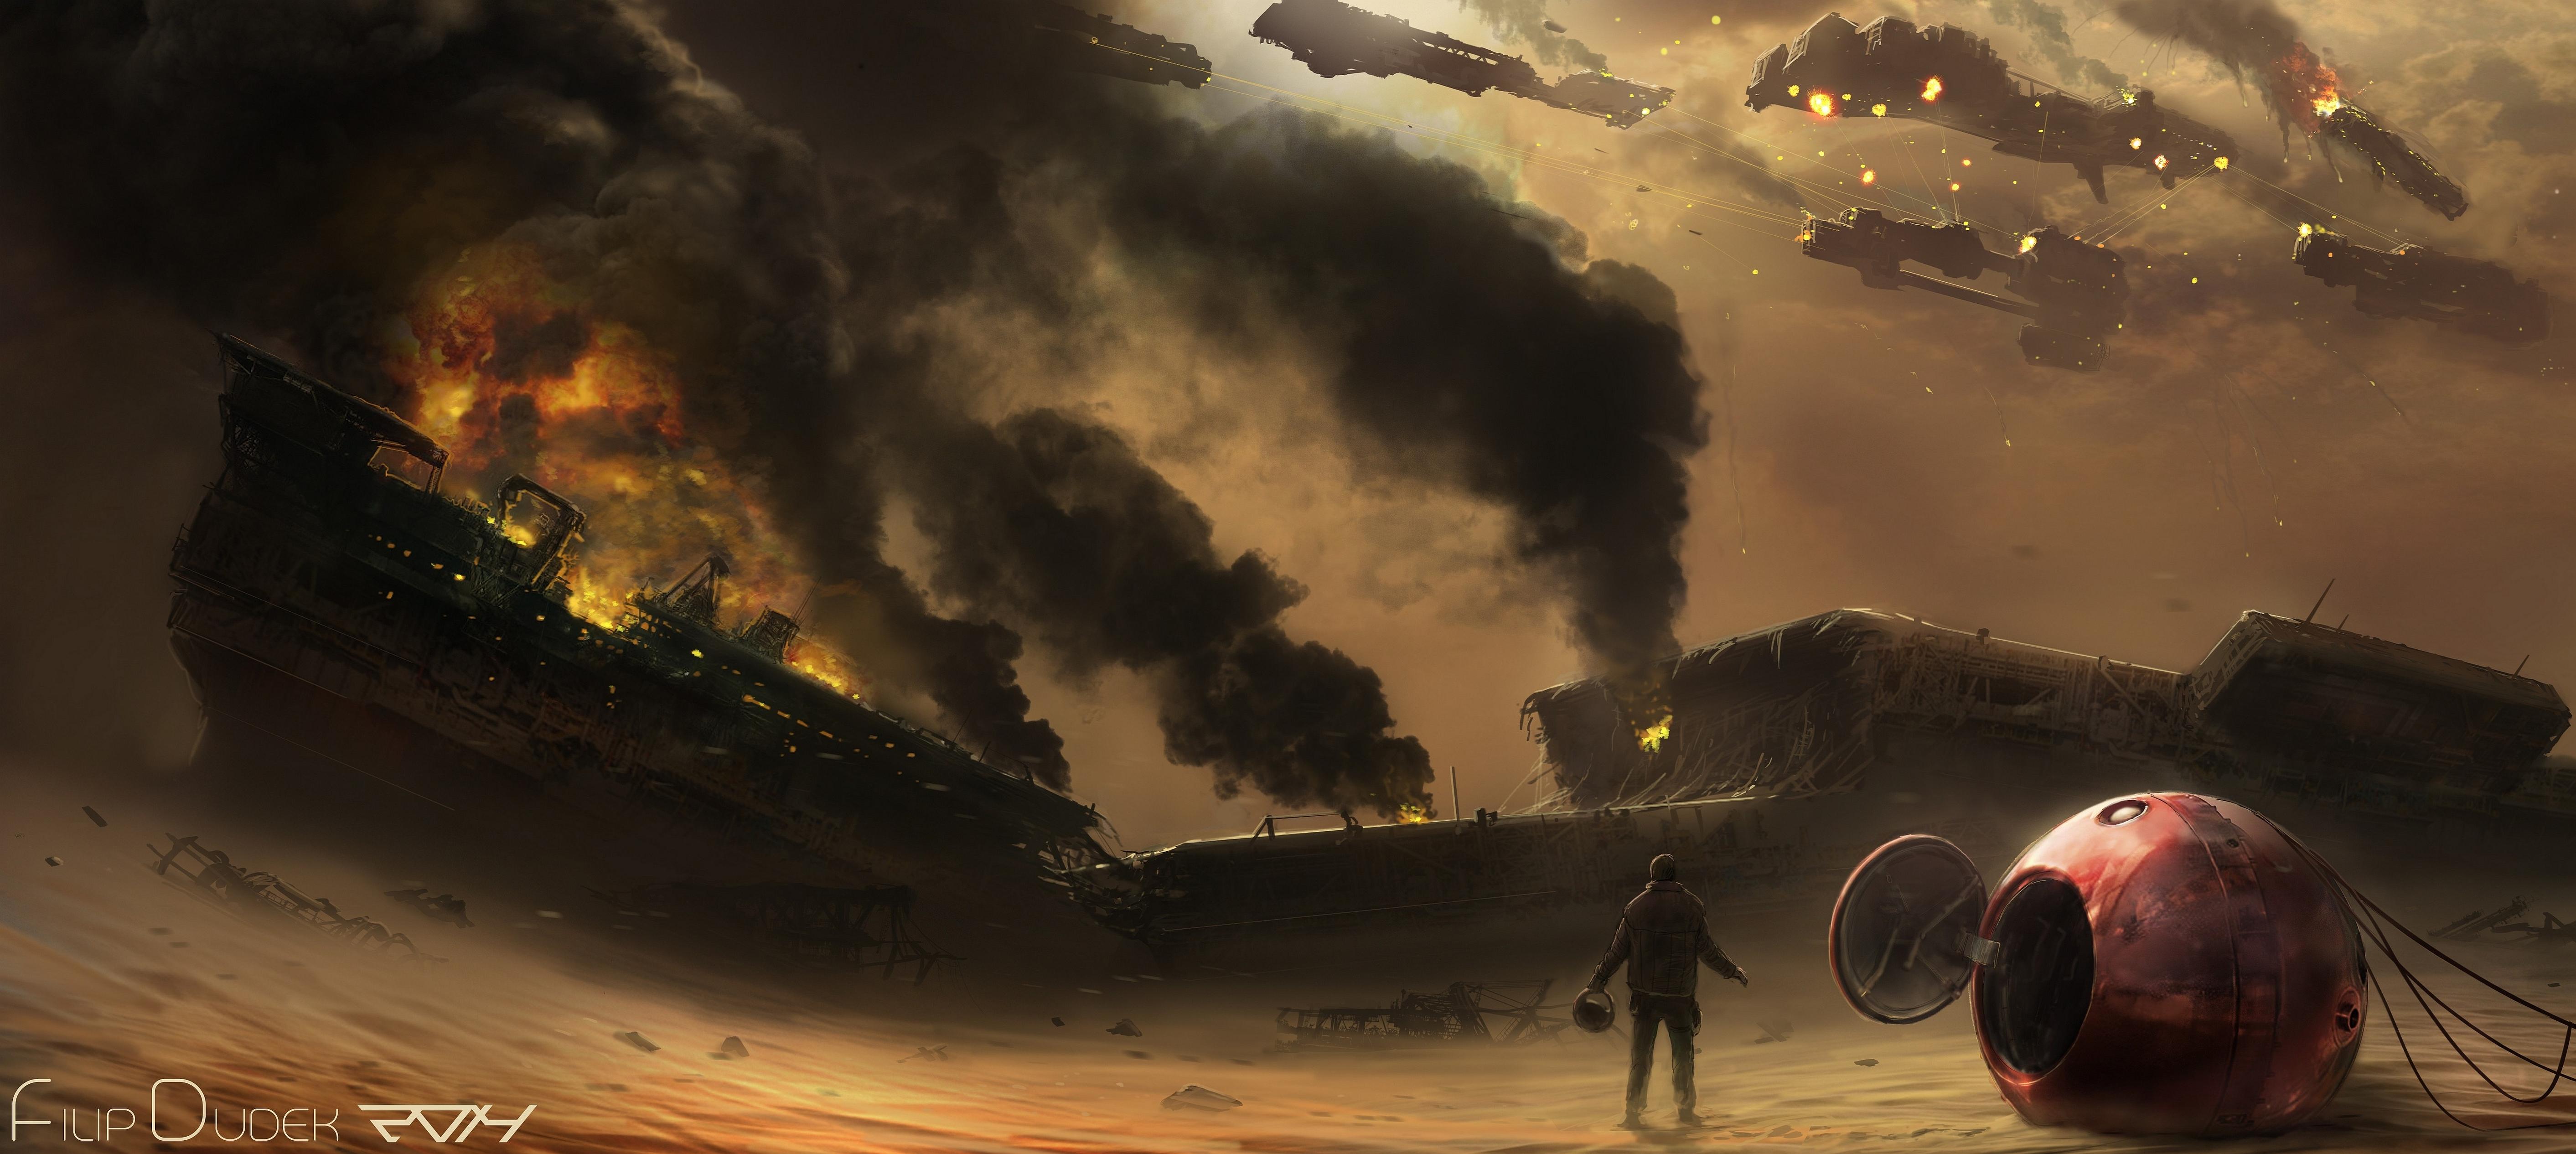 Sci Fi War Battle Ships HD Wallpaper Stylish HD 5650x2531